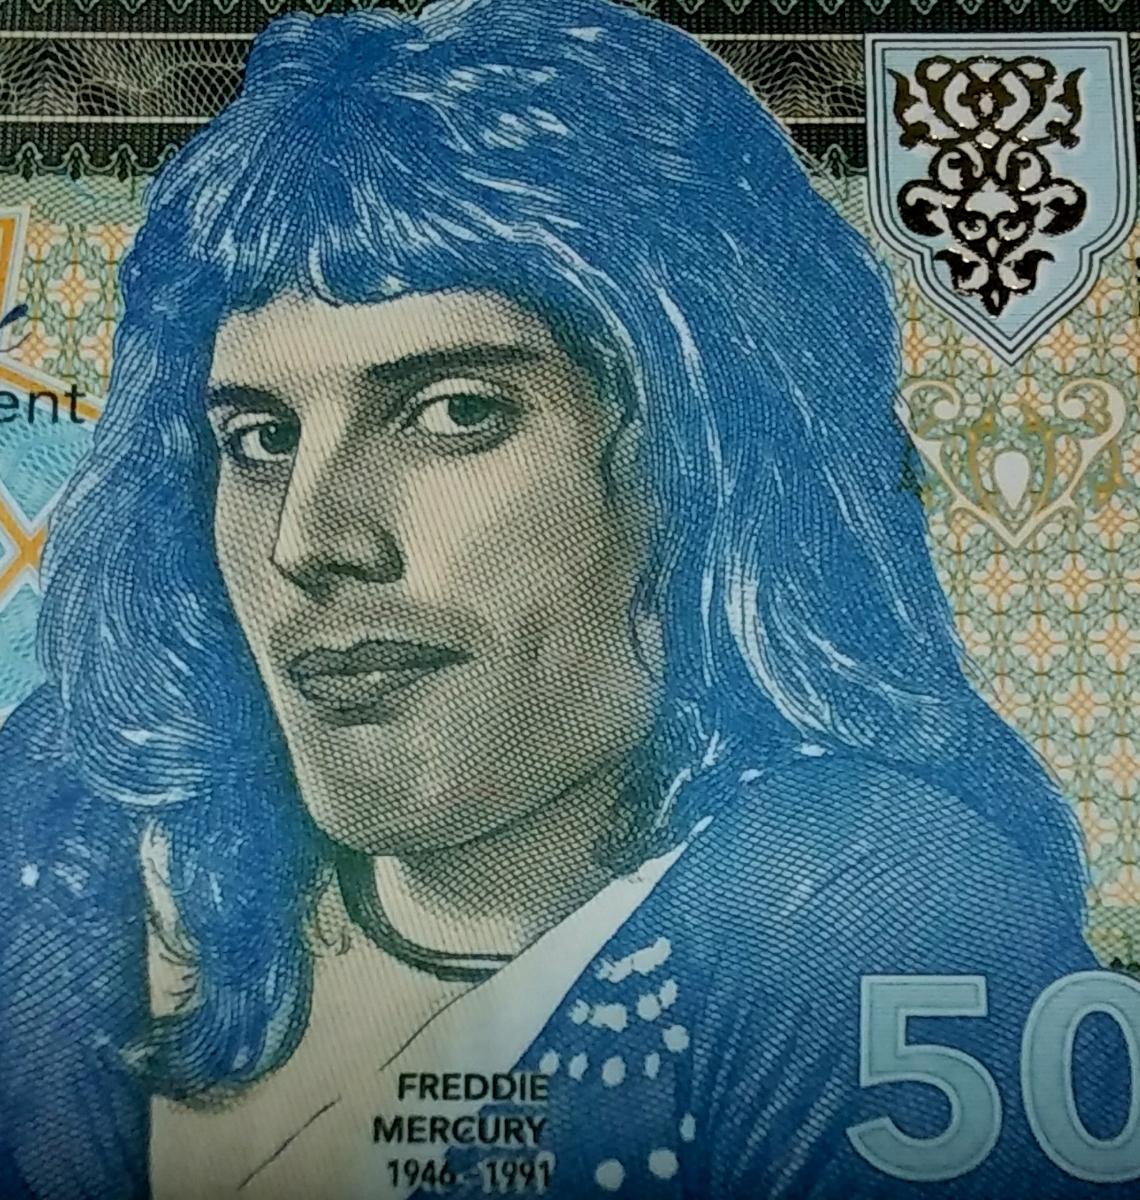 最後の1つ!世界800枚!QUEEN、フレディマーキュリーのプライベートISSUE、50ルピー紙幣。ONE HUNDRED RUPEESと書かれた珍しいエラー紙幣_画像5